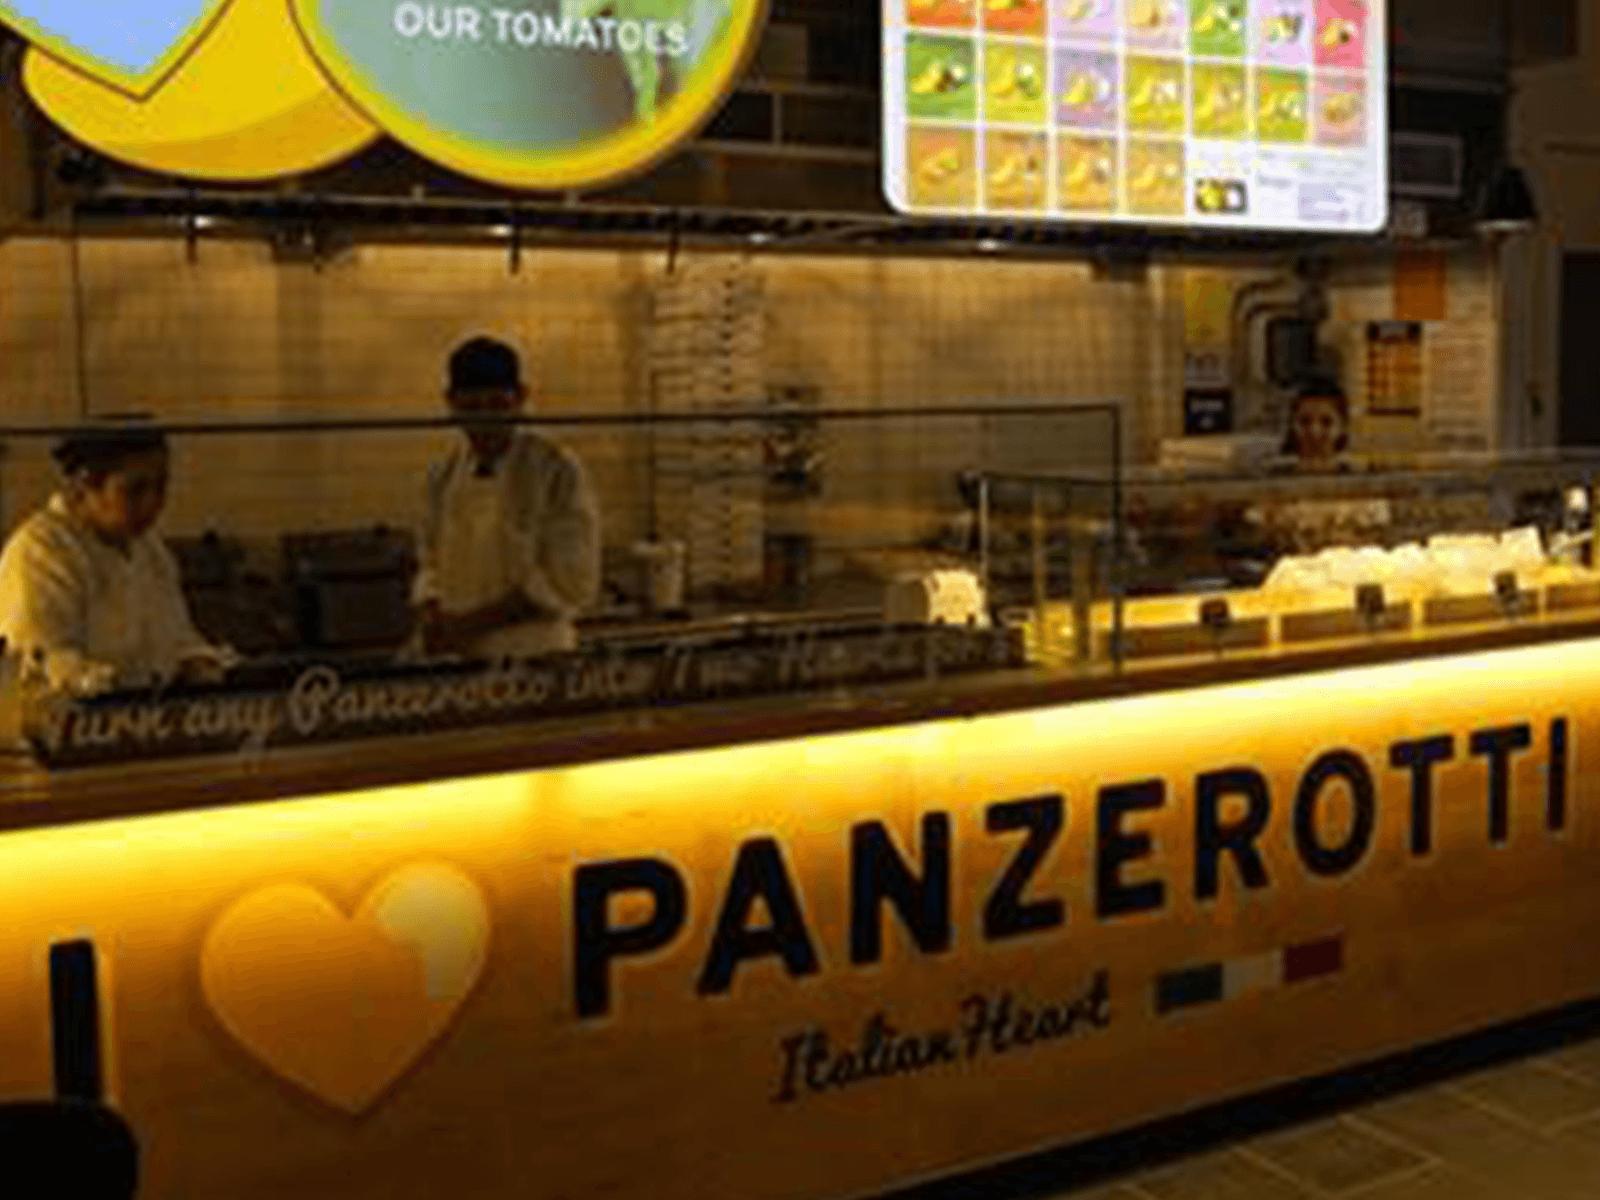 I love Panzerotti, ristorante New York